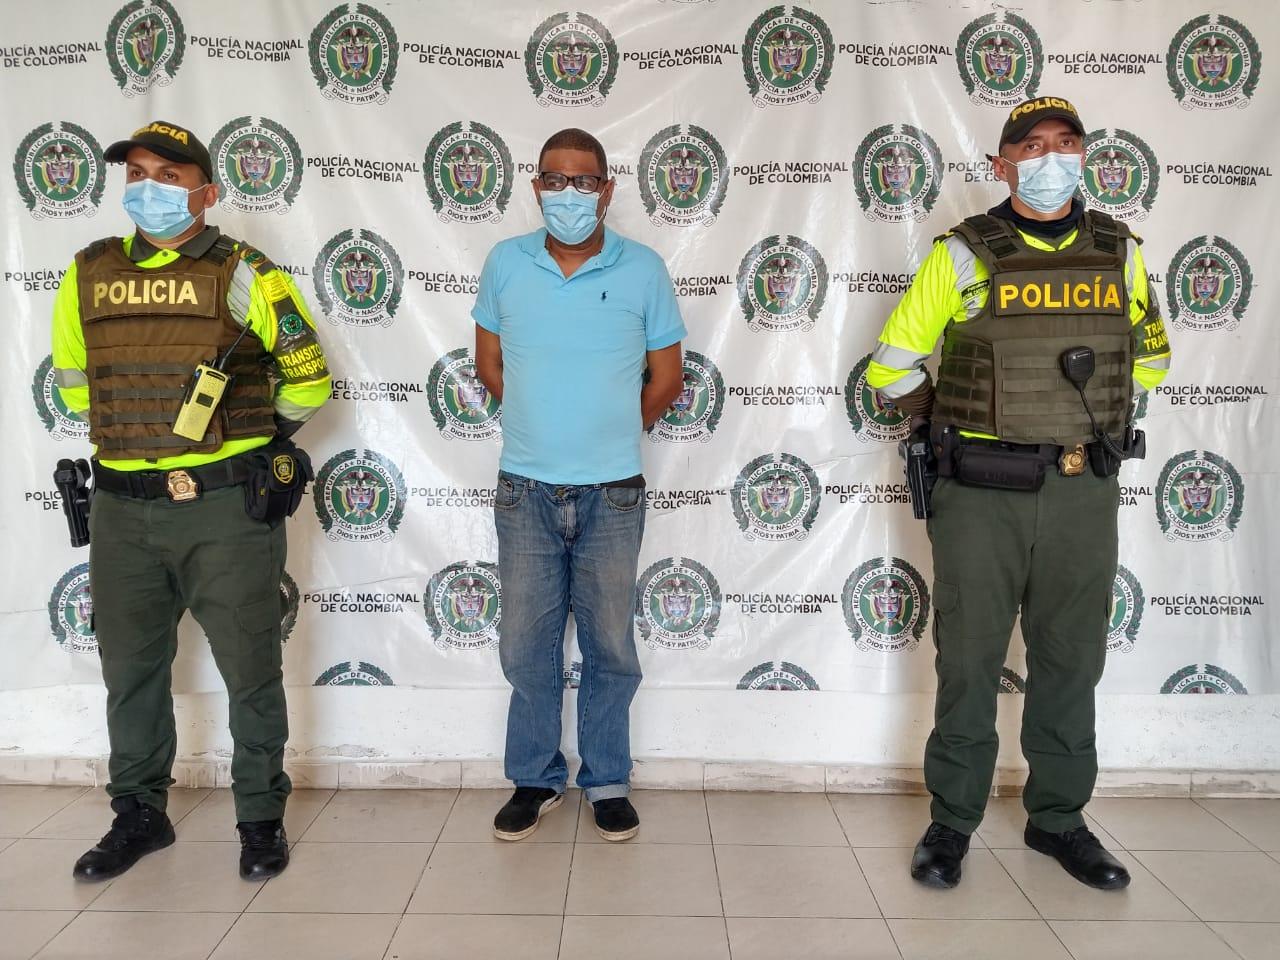 hoyennoticia.com, Lo pillaron en Valledupar, estando 'preso' en La Jagua de Ibirico